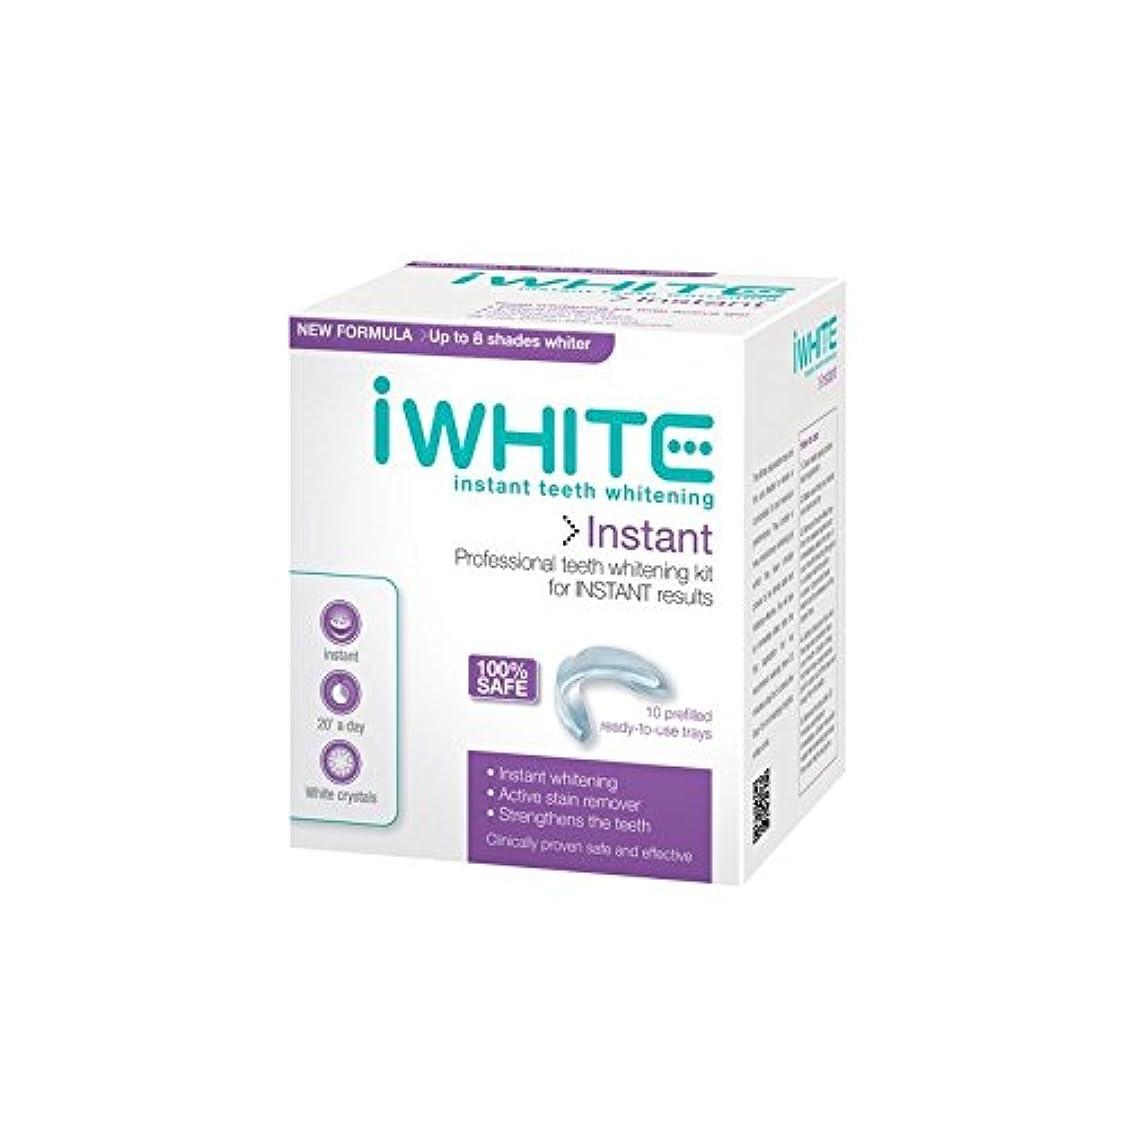 共役シュガー騙すキットを白くするインスタントプロの歯(10個のトレー) x2 - iWhite Instant Professional Teeth Whitening Kit (10 Trays) (Pack of 2) [並行輸入品]